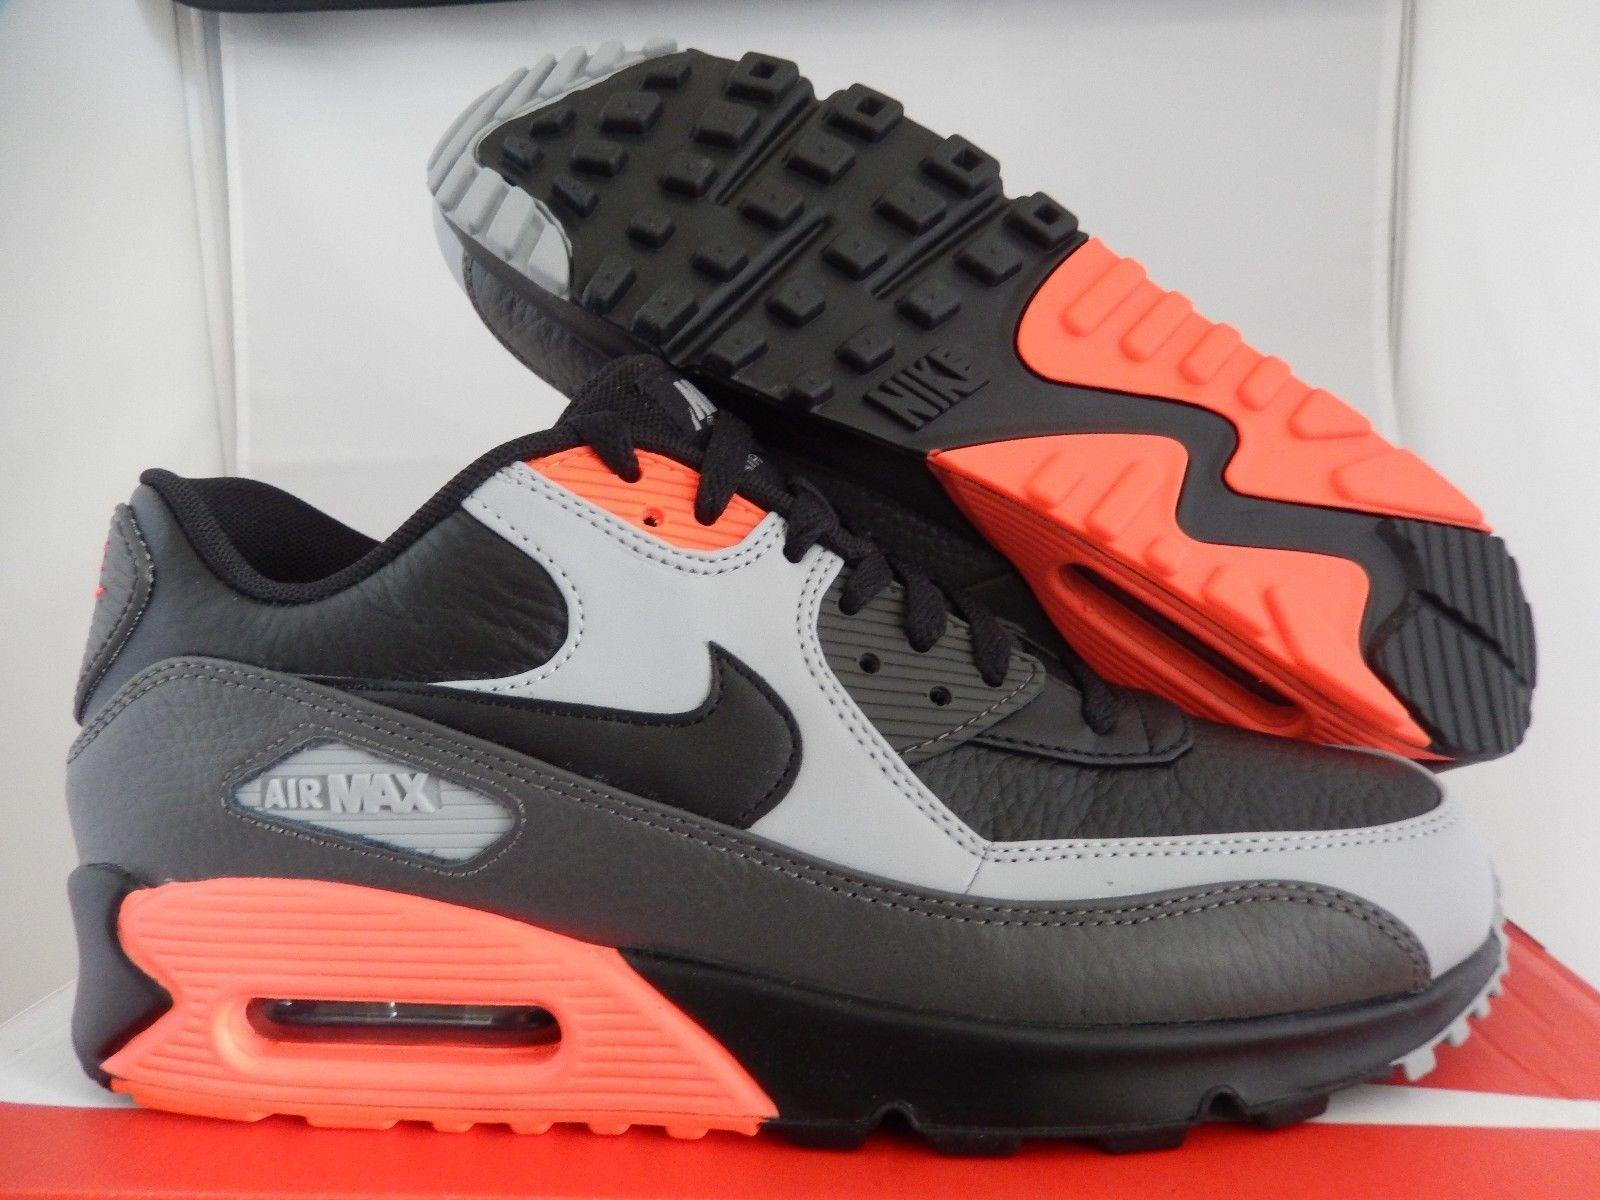 Mejorar Vibrar cilindro  NIKE AIR MAX 90 LTR LEATHER BLACK-MEDIUM ASH GREY-CRIMSON [652980-002] | Nike  air, Air max sneakers, Nike air max